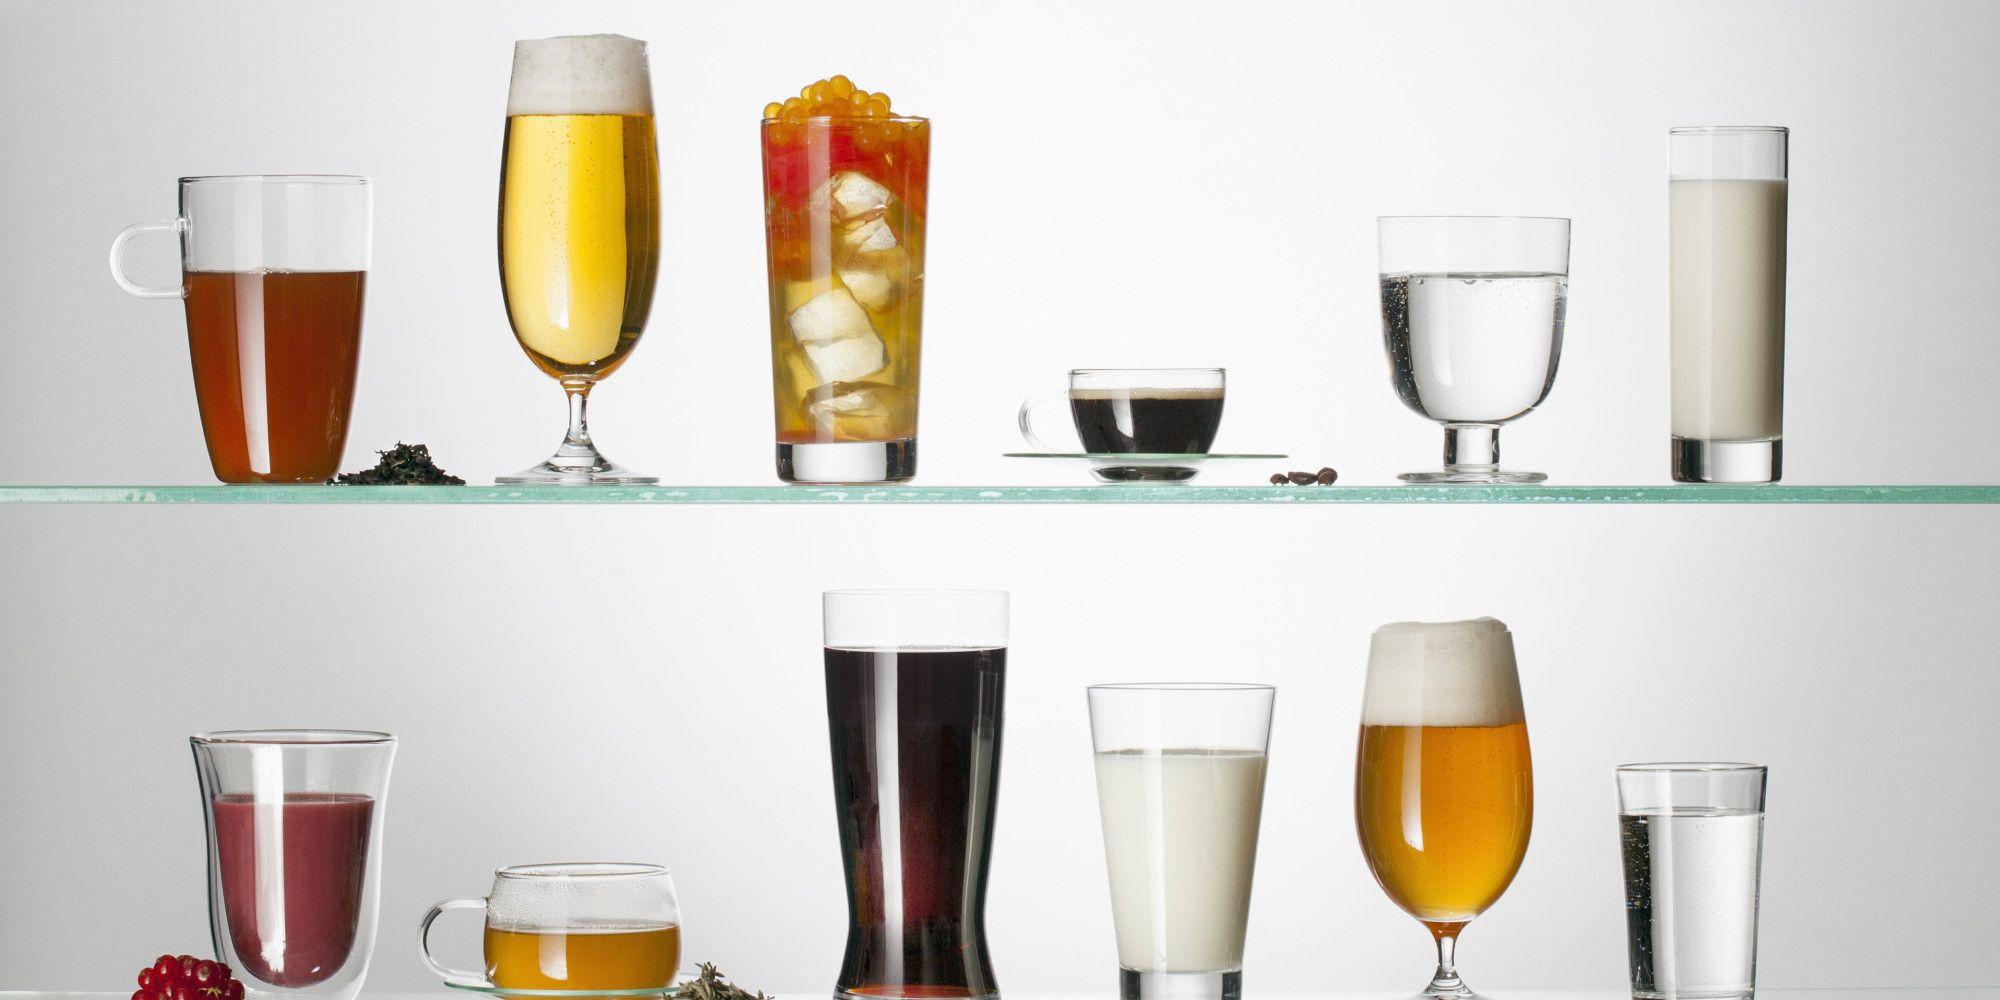 quel breuvage boire pour chaque situation smoothies que c 39 est bon recettes de smoothies. Black Bedroom Furniture Sets. Home Design Ideas